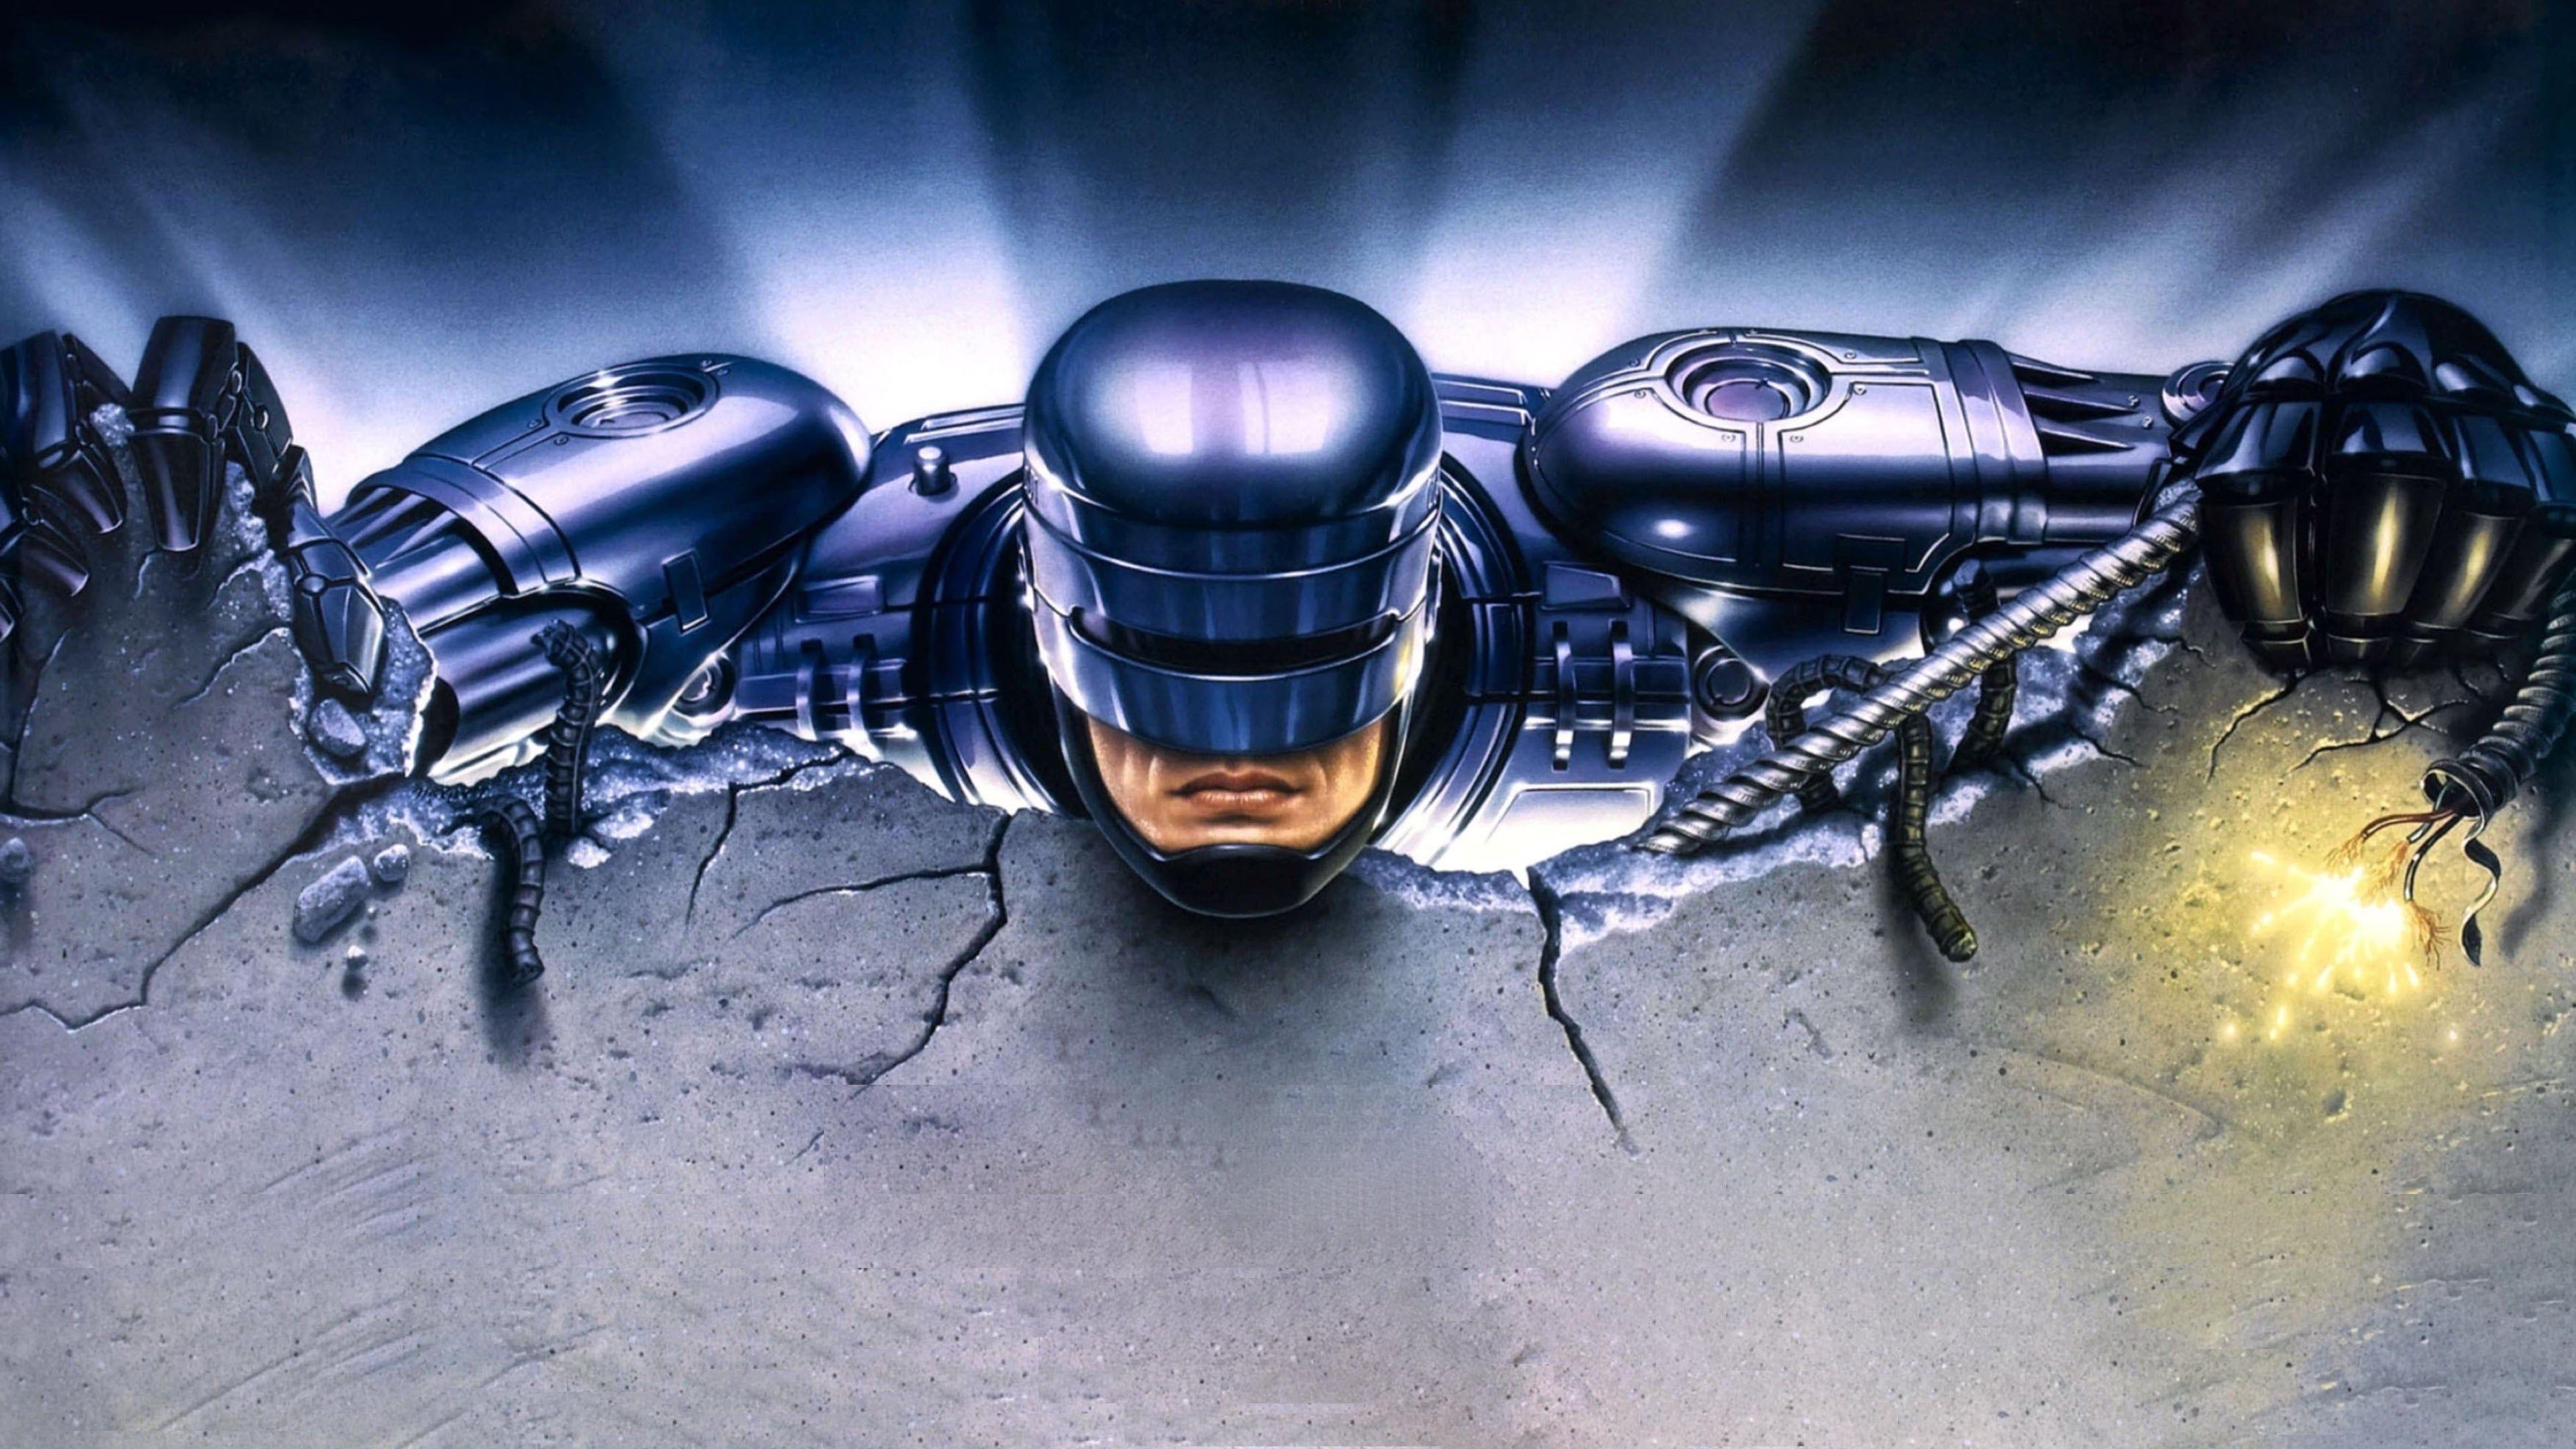 Robocop 3 1993 Ganzer Film Deutsch Komplett Kino Robocop 3 1993complete Film Deutsch Robocop 3 Onl Robocop Full Movies Online Free Movies To Watch Online